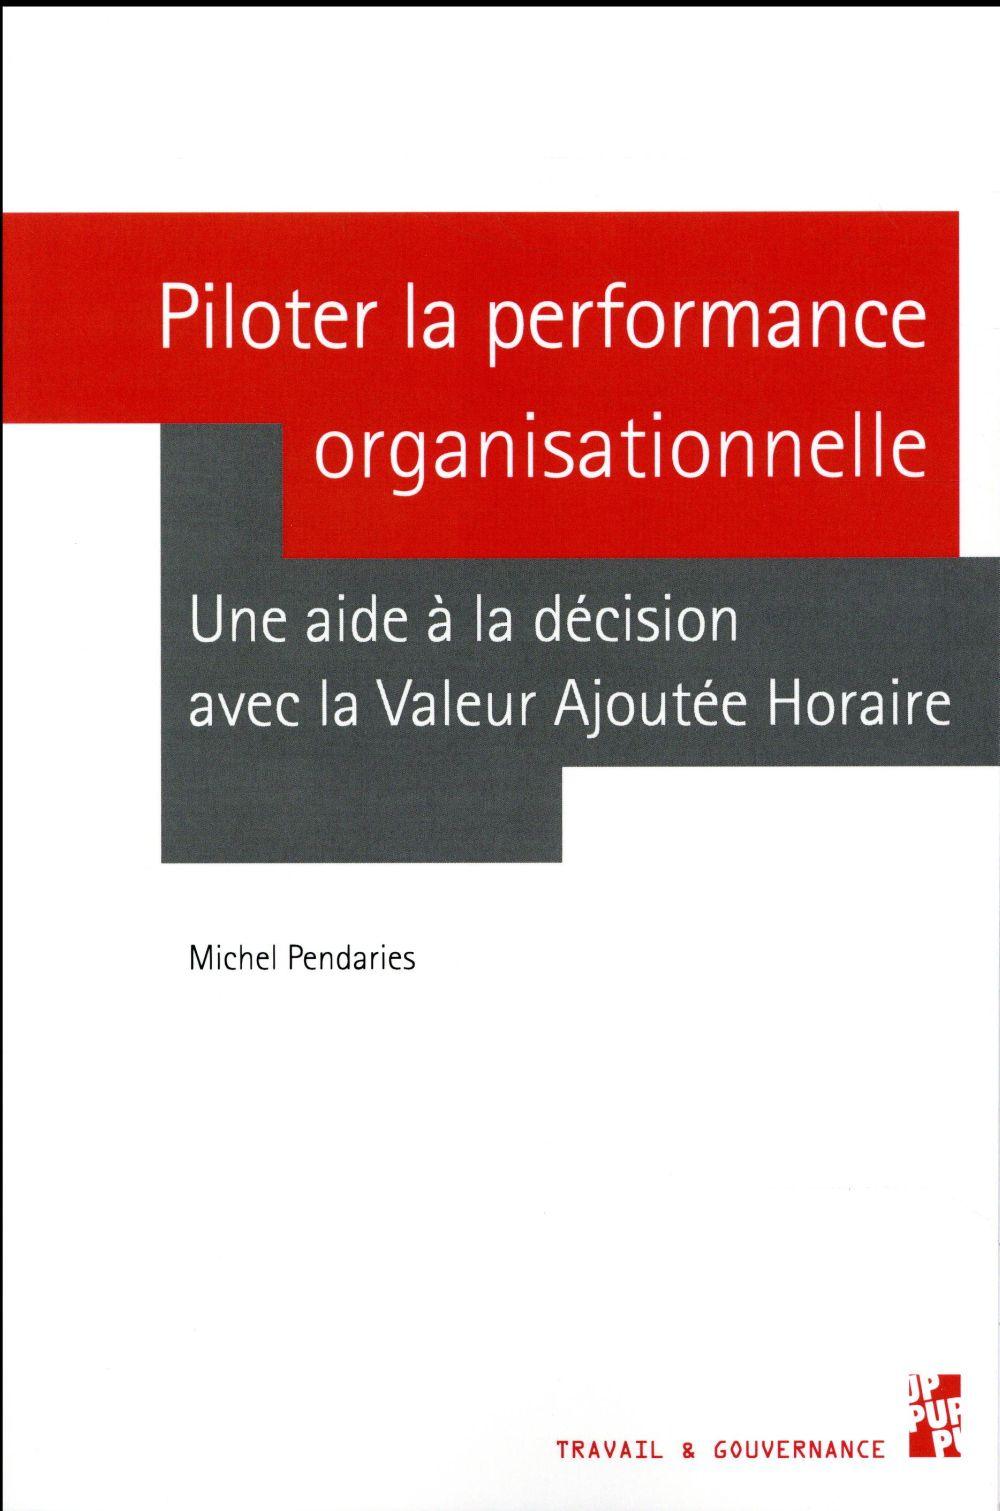 PILOTER LA PERFORMANCE ORGANISATIONNELLE - UNE AIDE A LA DECISION AVEC LA VALEUR AJOUTEE HORAIRE